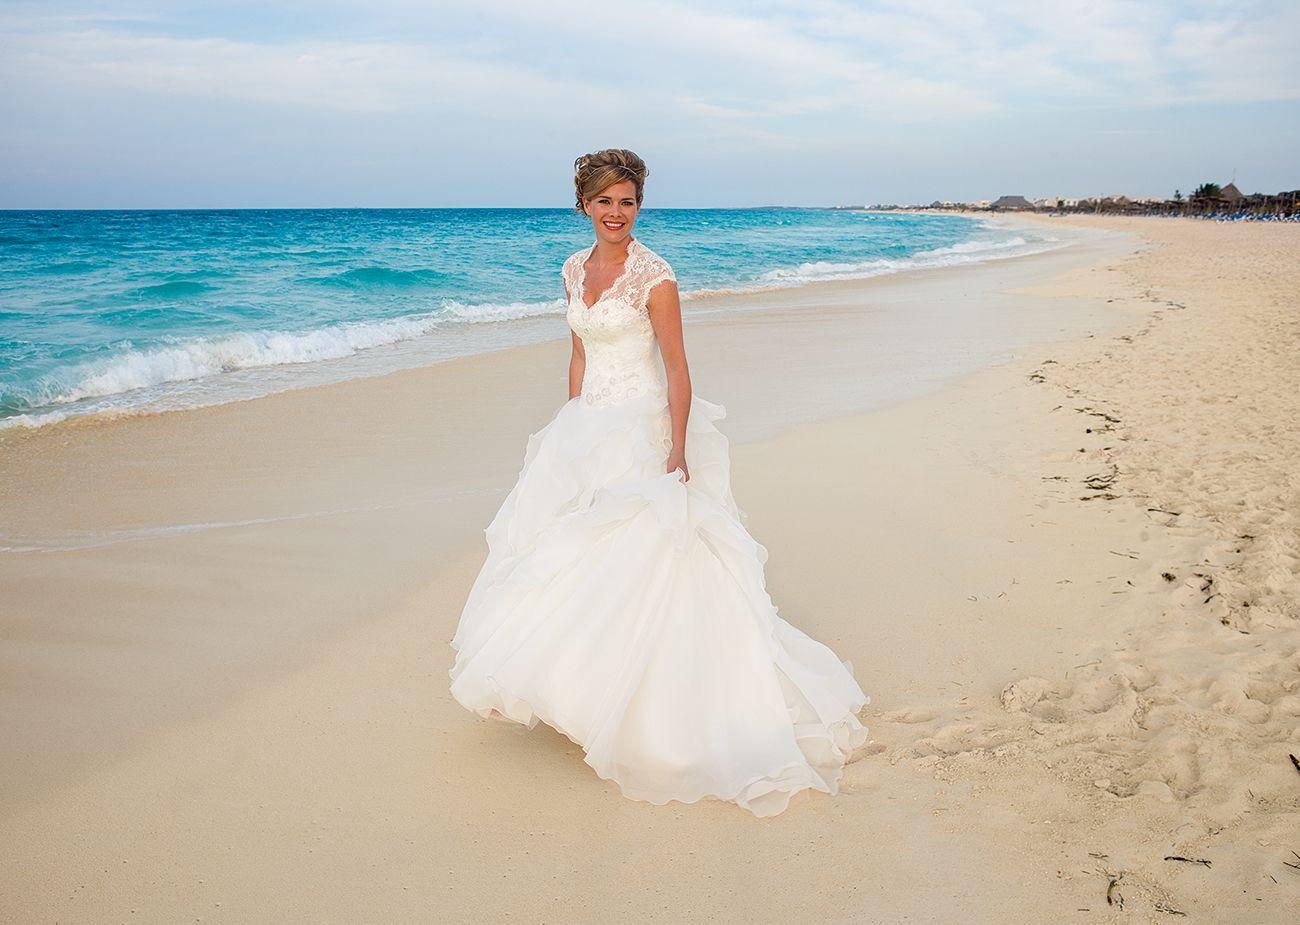 Beach wedding dresses guest  Eddy K Wedding Gowns  u Eddy K  Wedding gowns  Pinterest